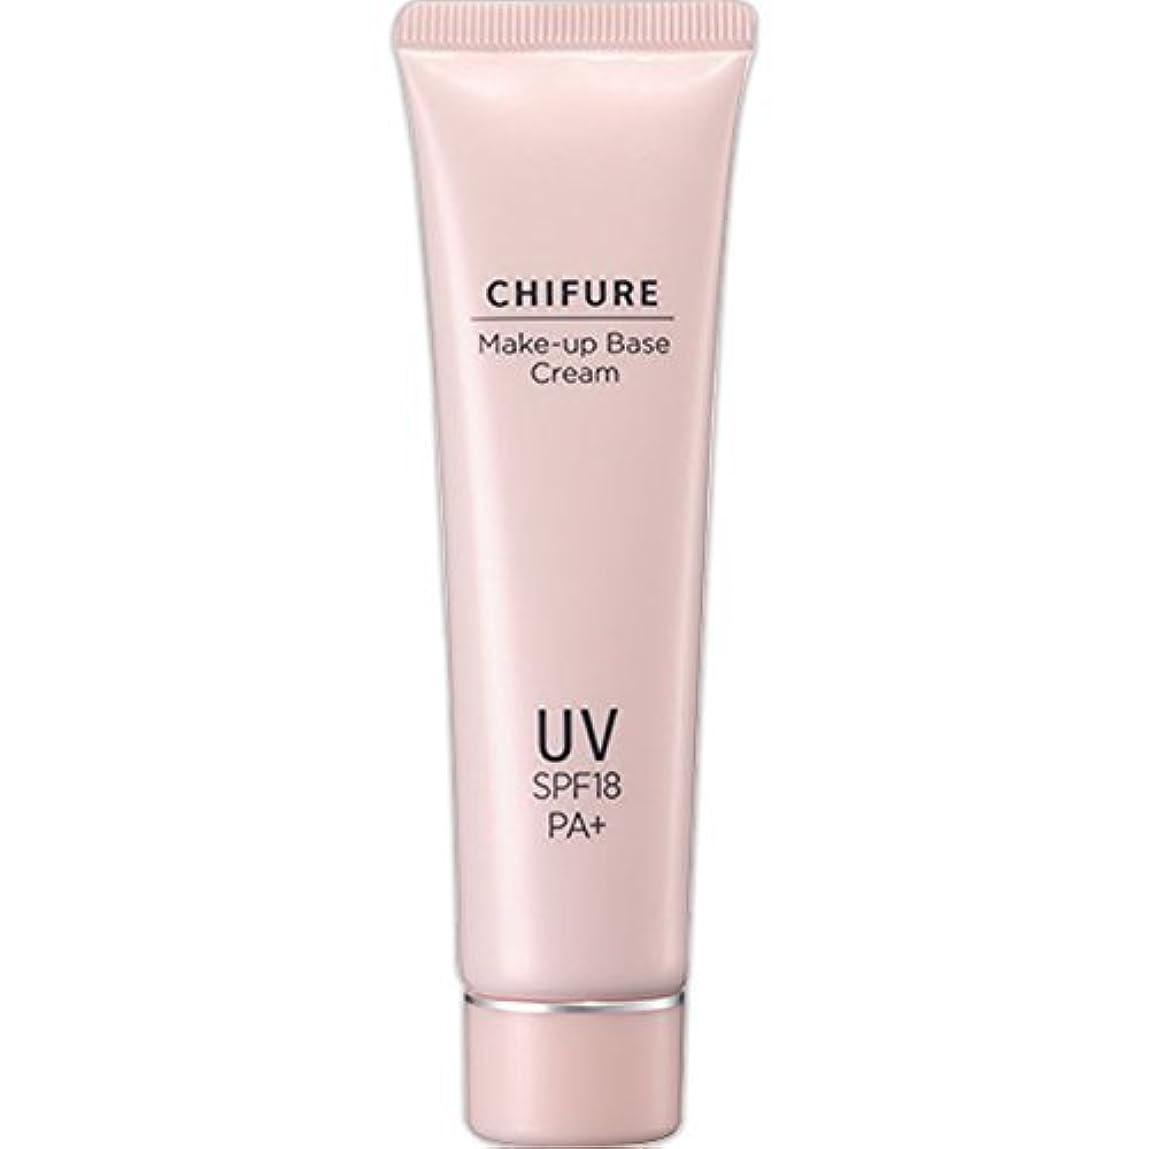 一部ソート称賛ちふれ化粧品 メーキャップ ベース クリーム UV MベースクリームUV